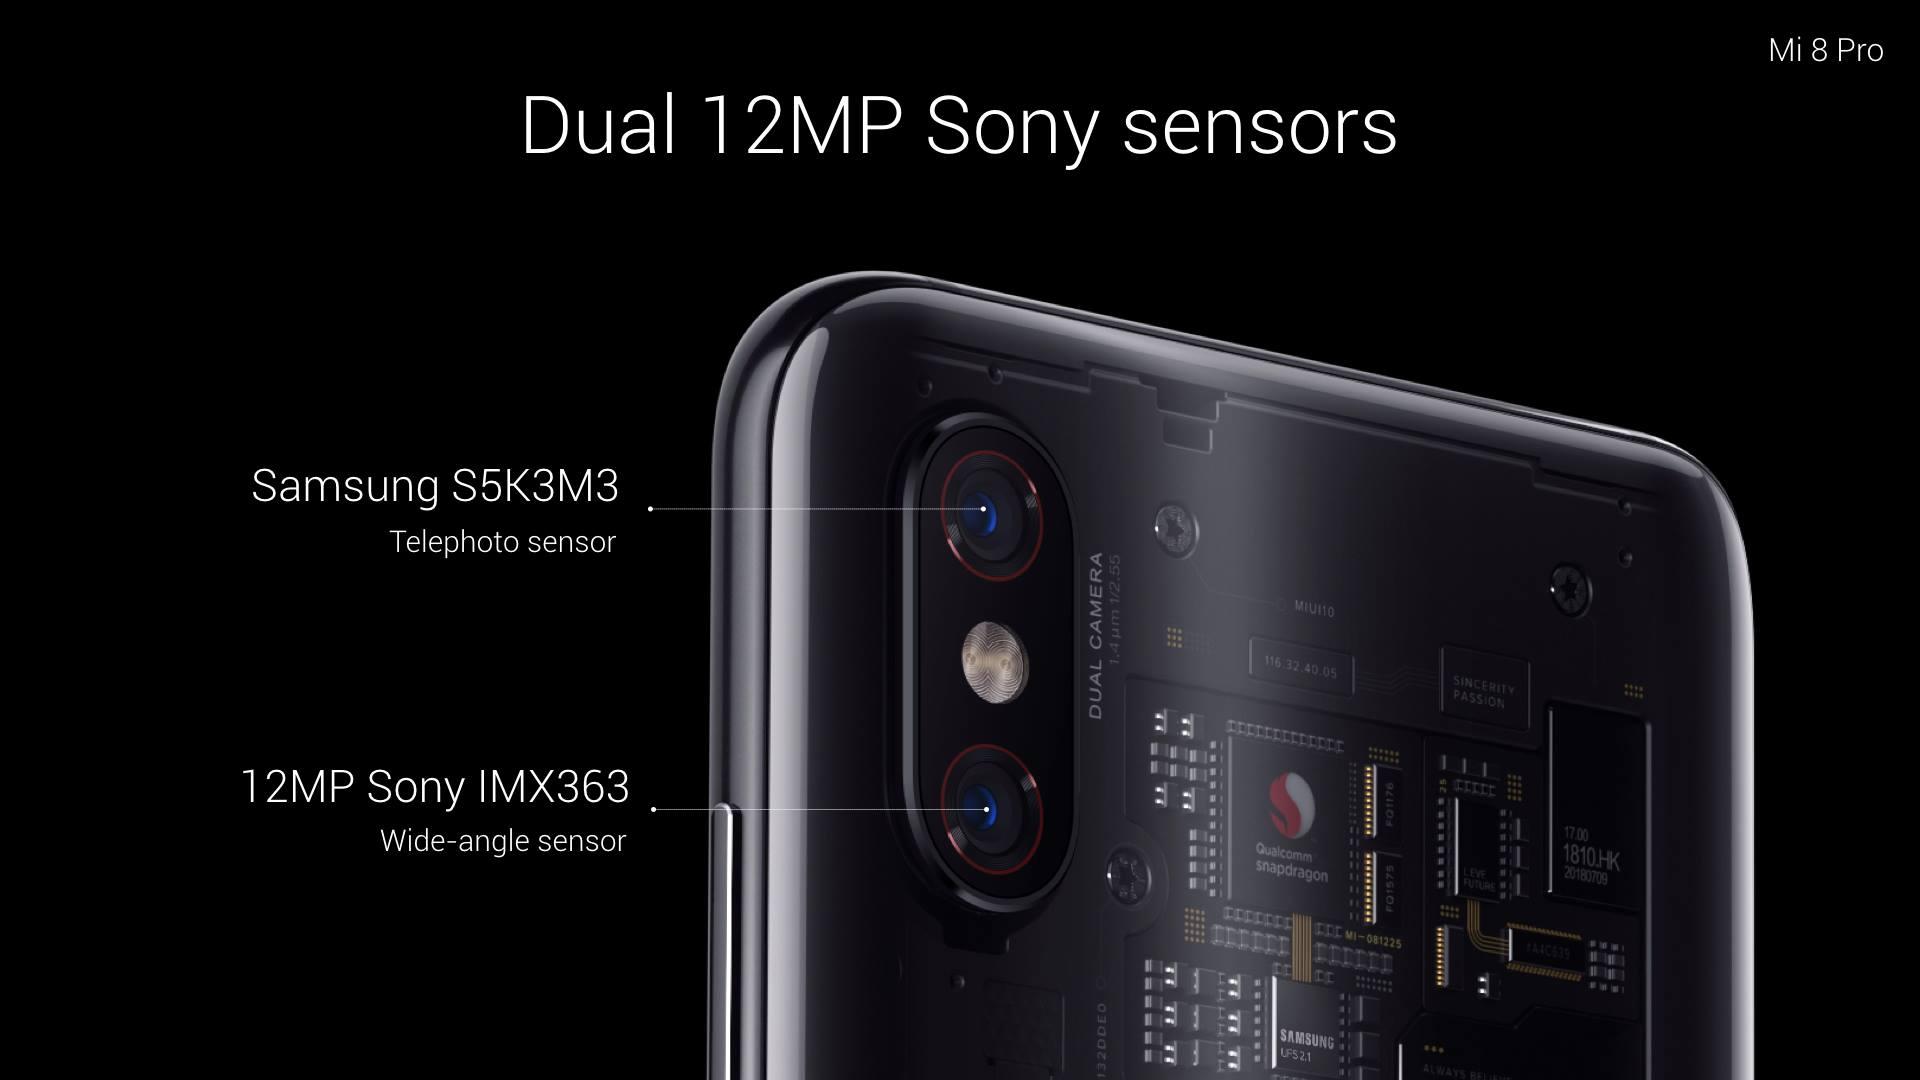 يحملXiaomi Mi 8 Pro كاميرتين خلفيتين بدقة 12 ميجابكسل